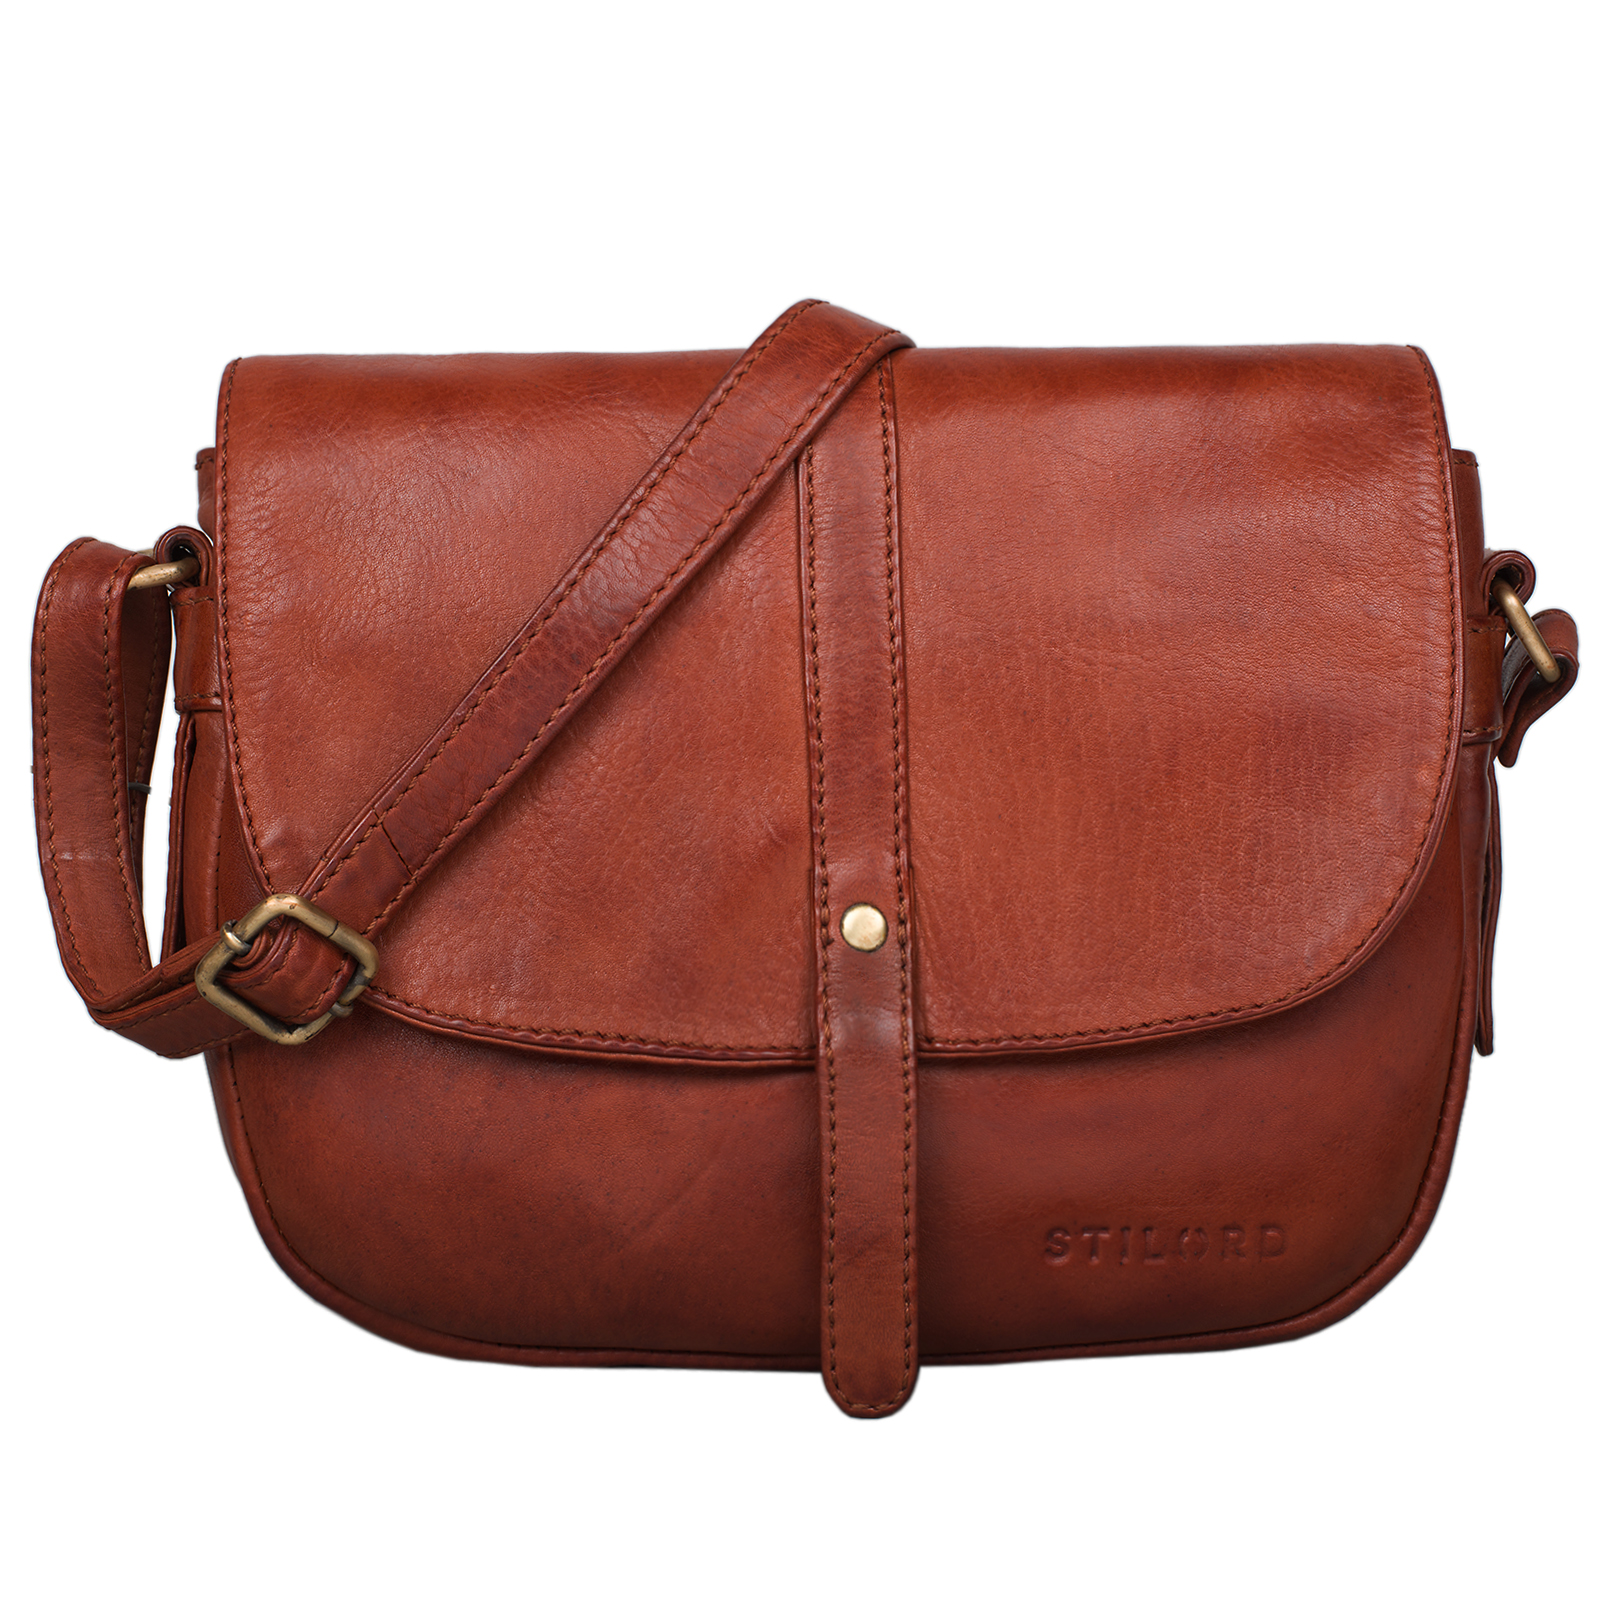 8be3767f8c70f STILORD  Sophie  Schultertasche Damen klein Leder Handtasche moderne  Umhängetasche geflochten Freizeittasche Vintage Abendtasche Ausgehtasche